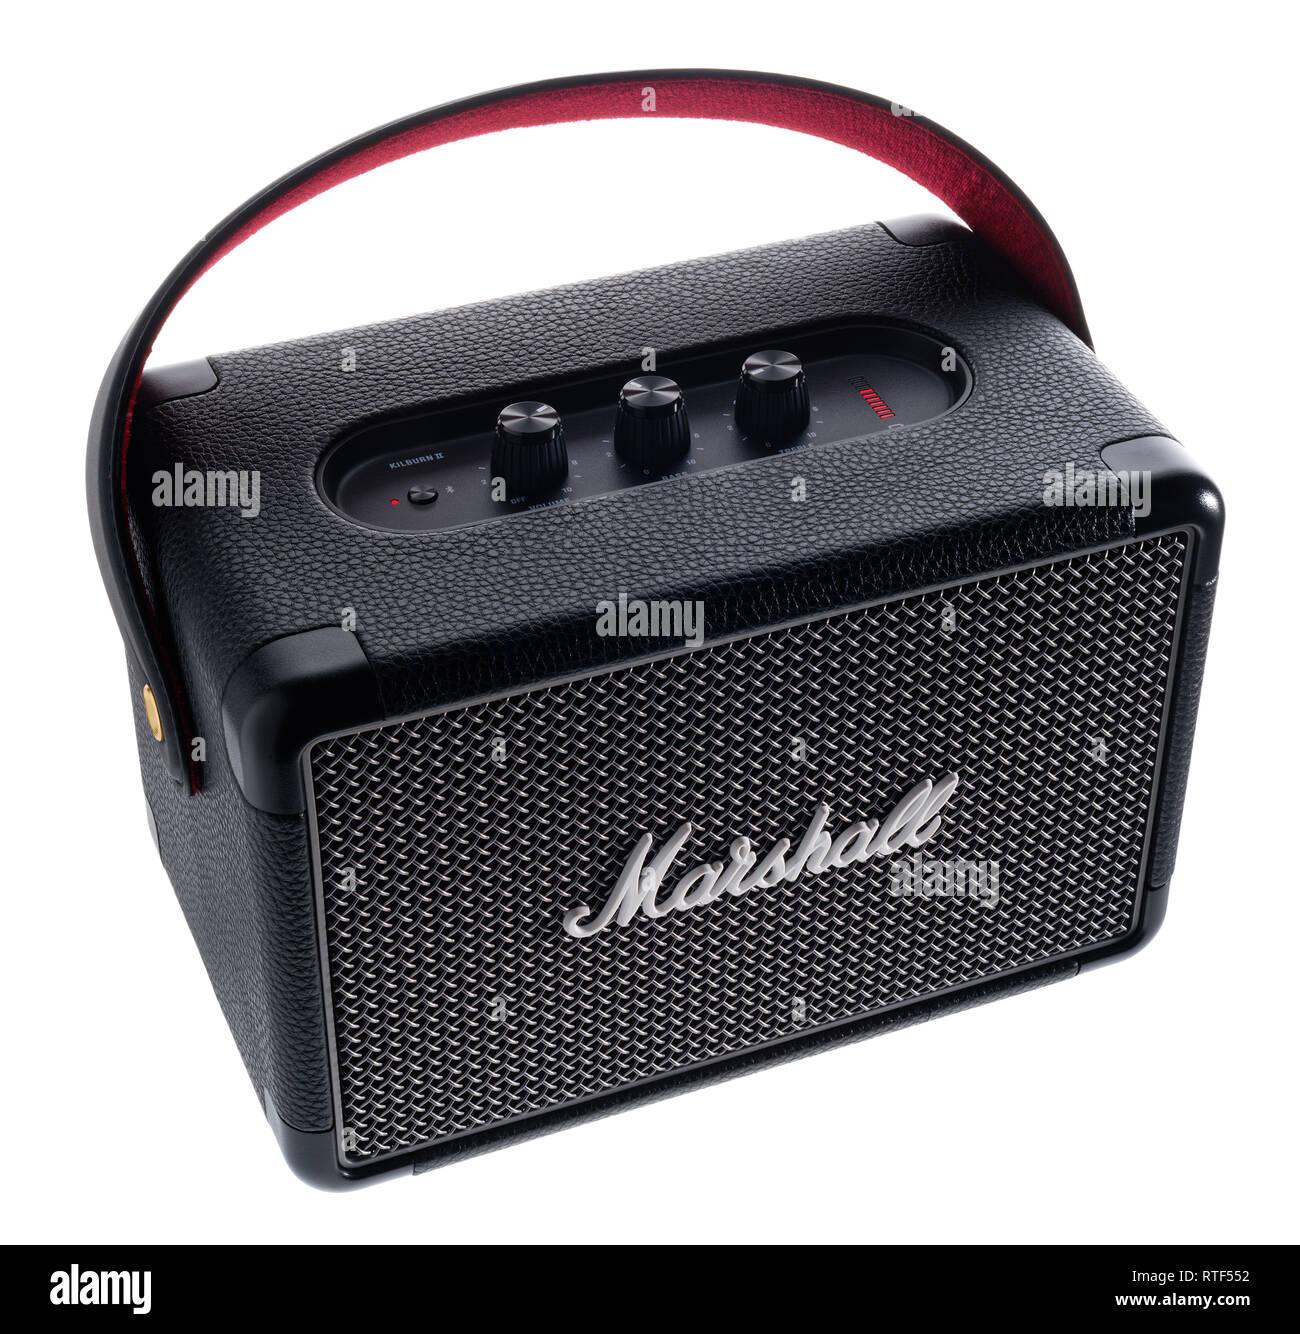 Marshall Kilburn 2 bluetooth loudspeaker. - Stock Image